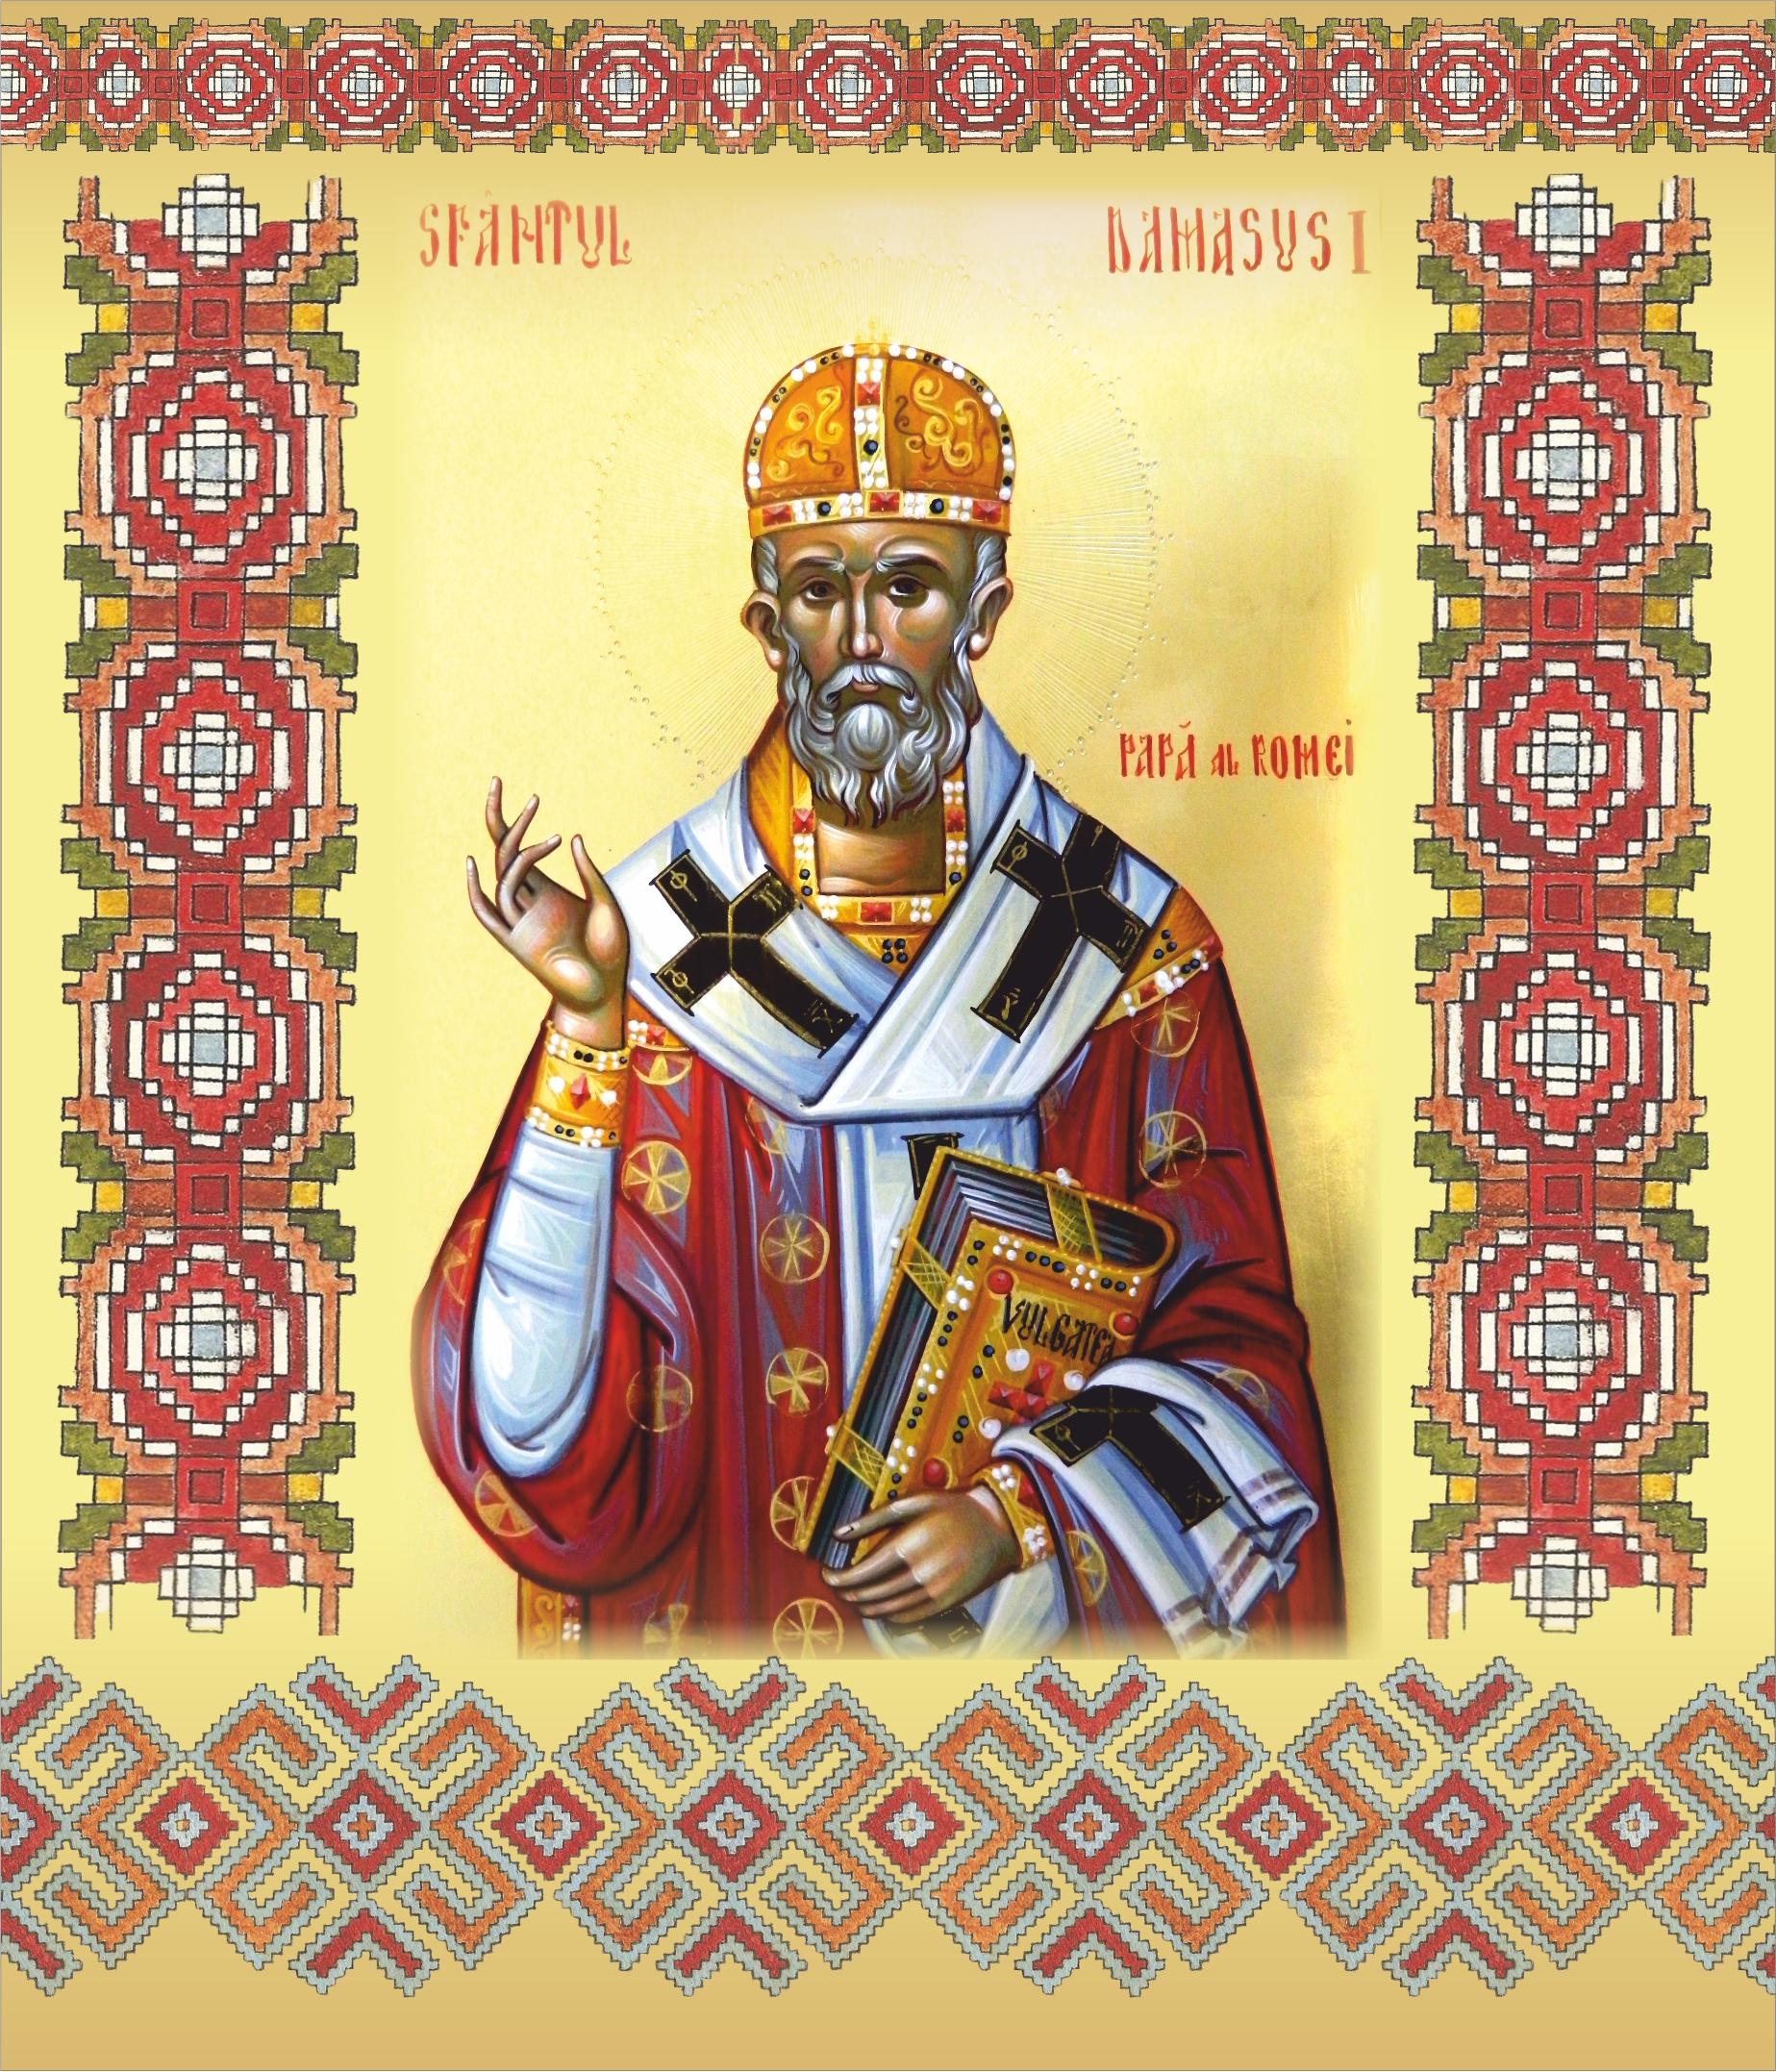 Sfântul Damasus I, primul episcop portughez al Romei